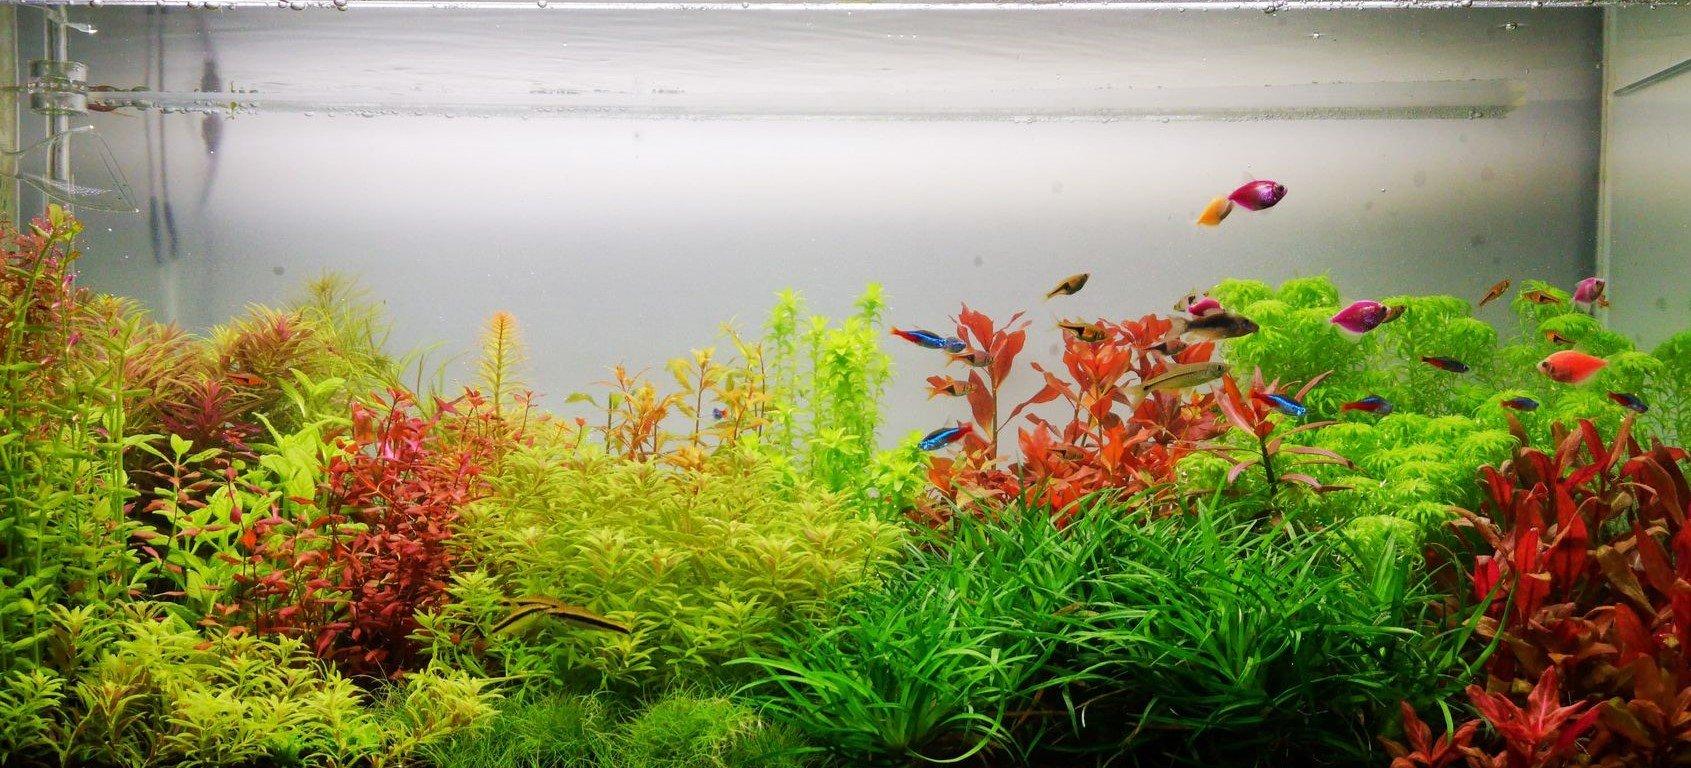 ce am nevoie pentru acvariu